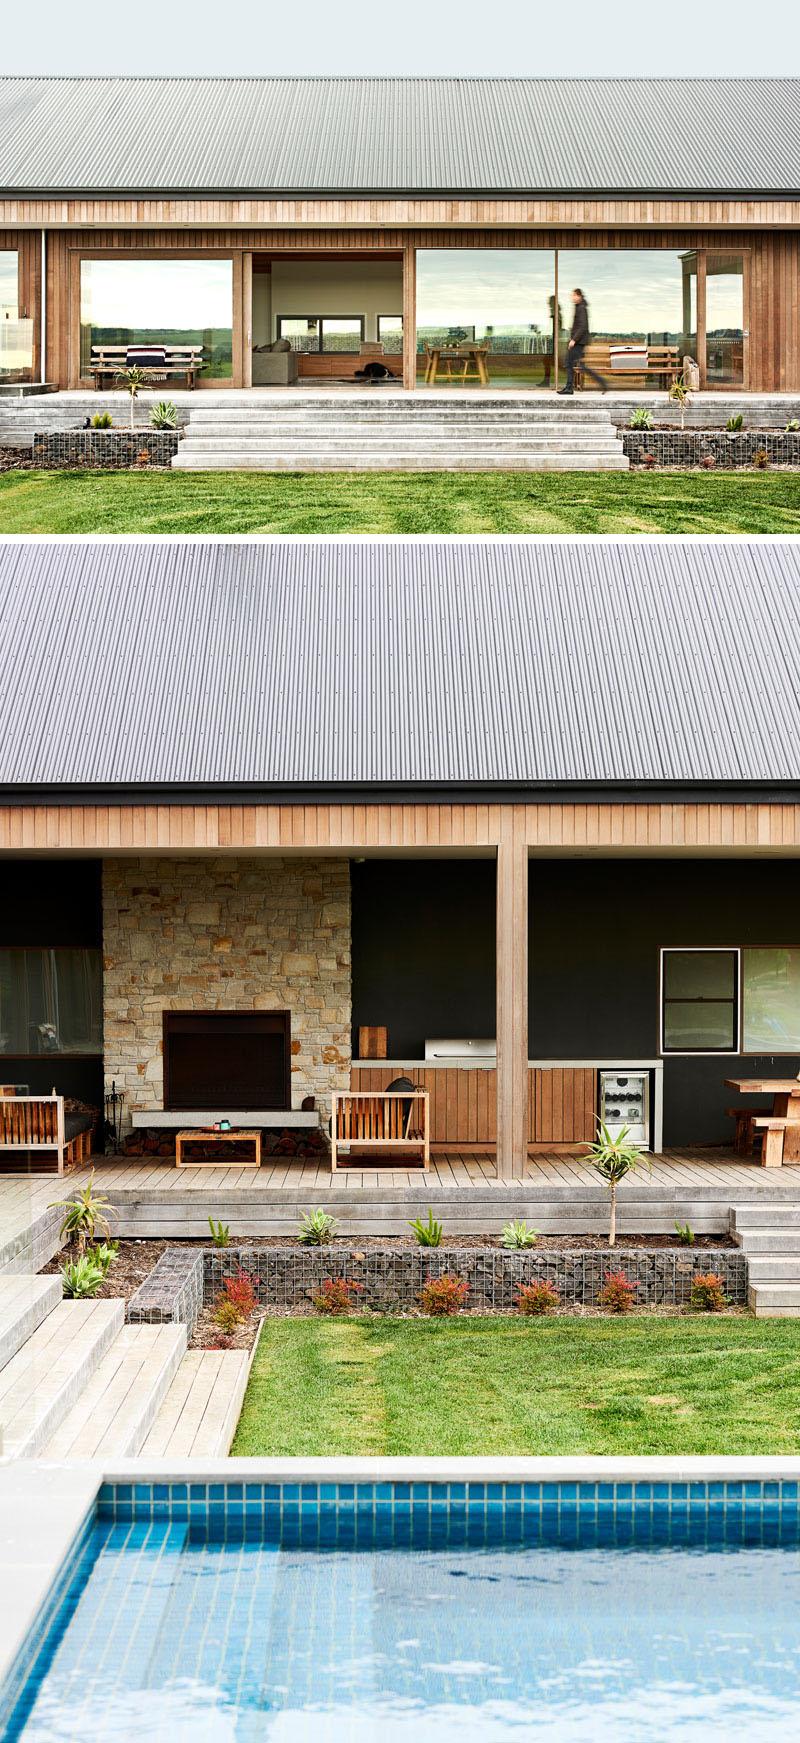 modern-house-wrap-around-porch-111017-1240-09 (1)